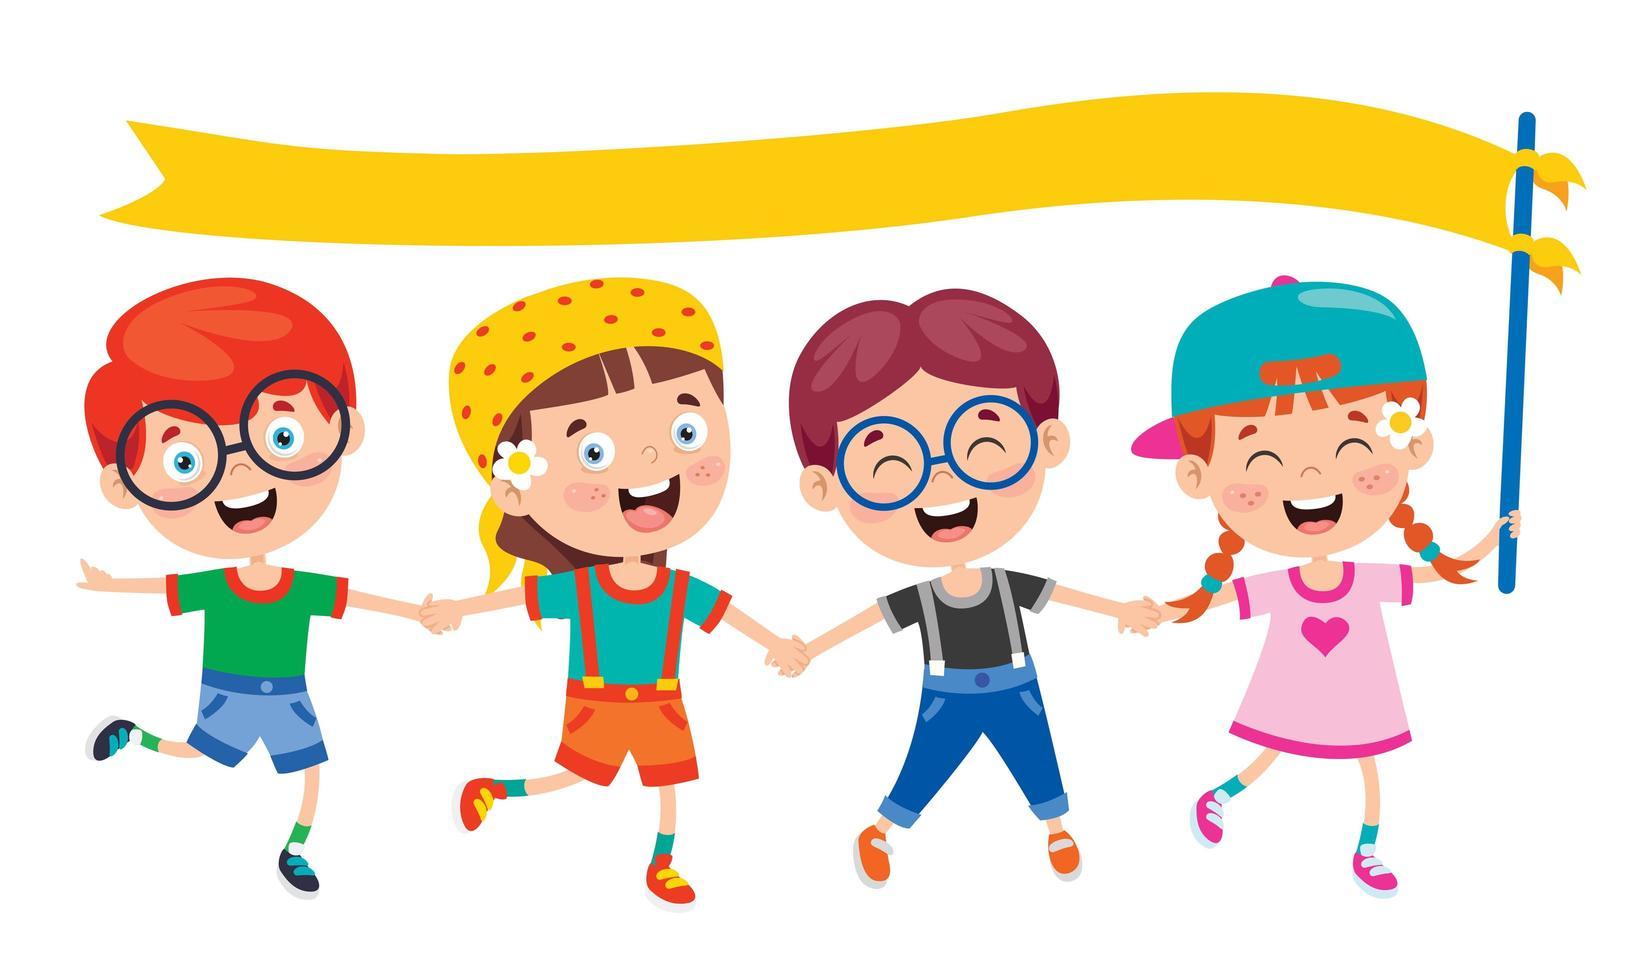 enfants s'amusant et tenant une bannière jaune vecteur